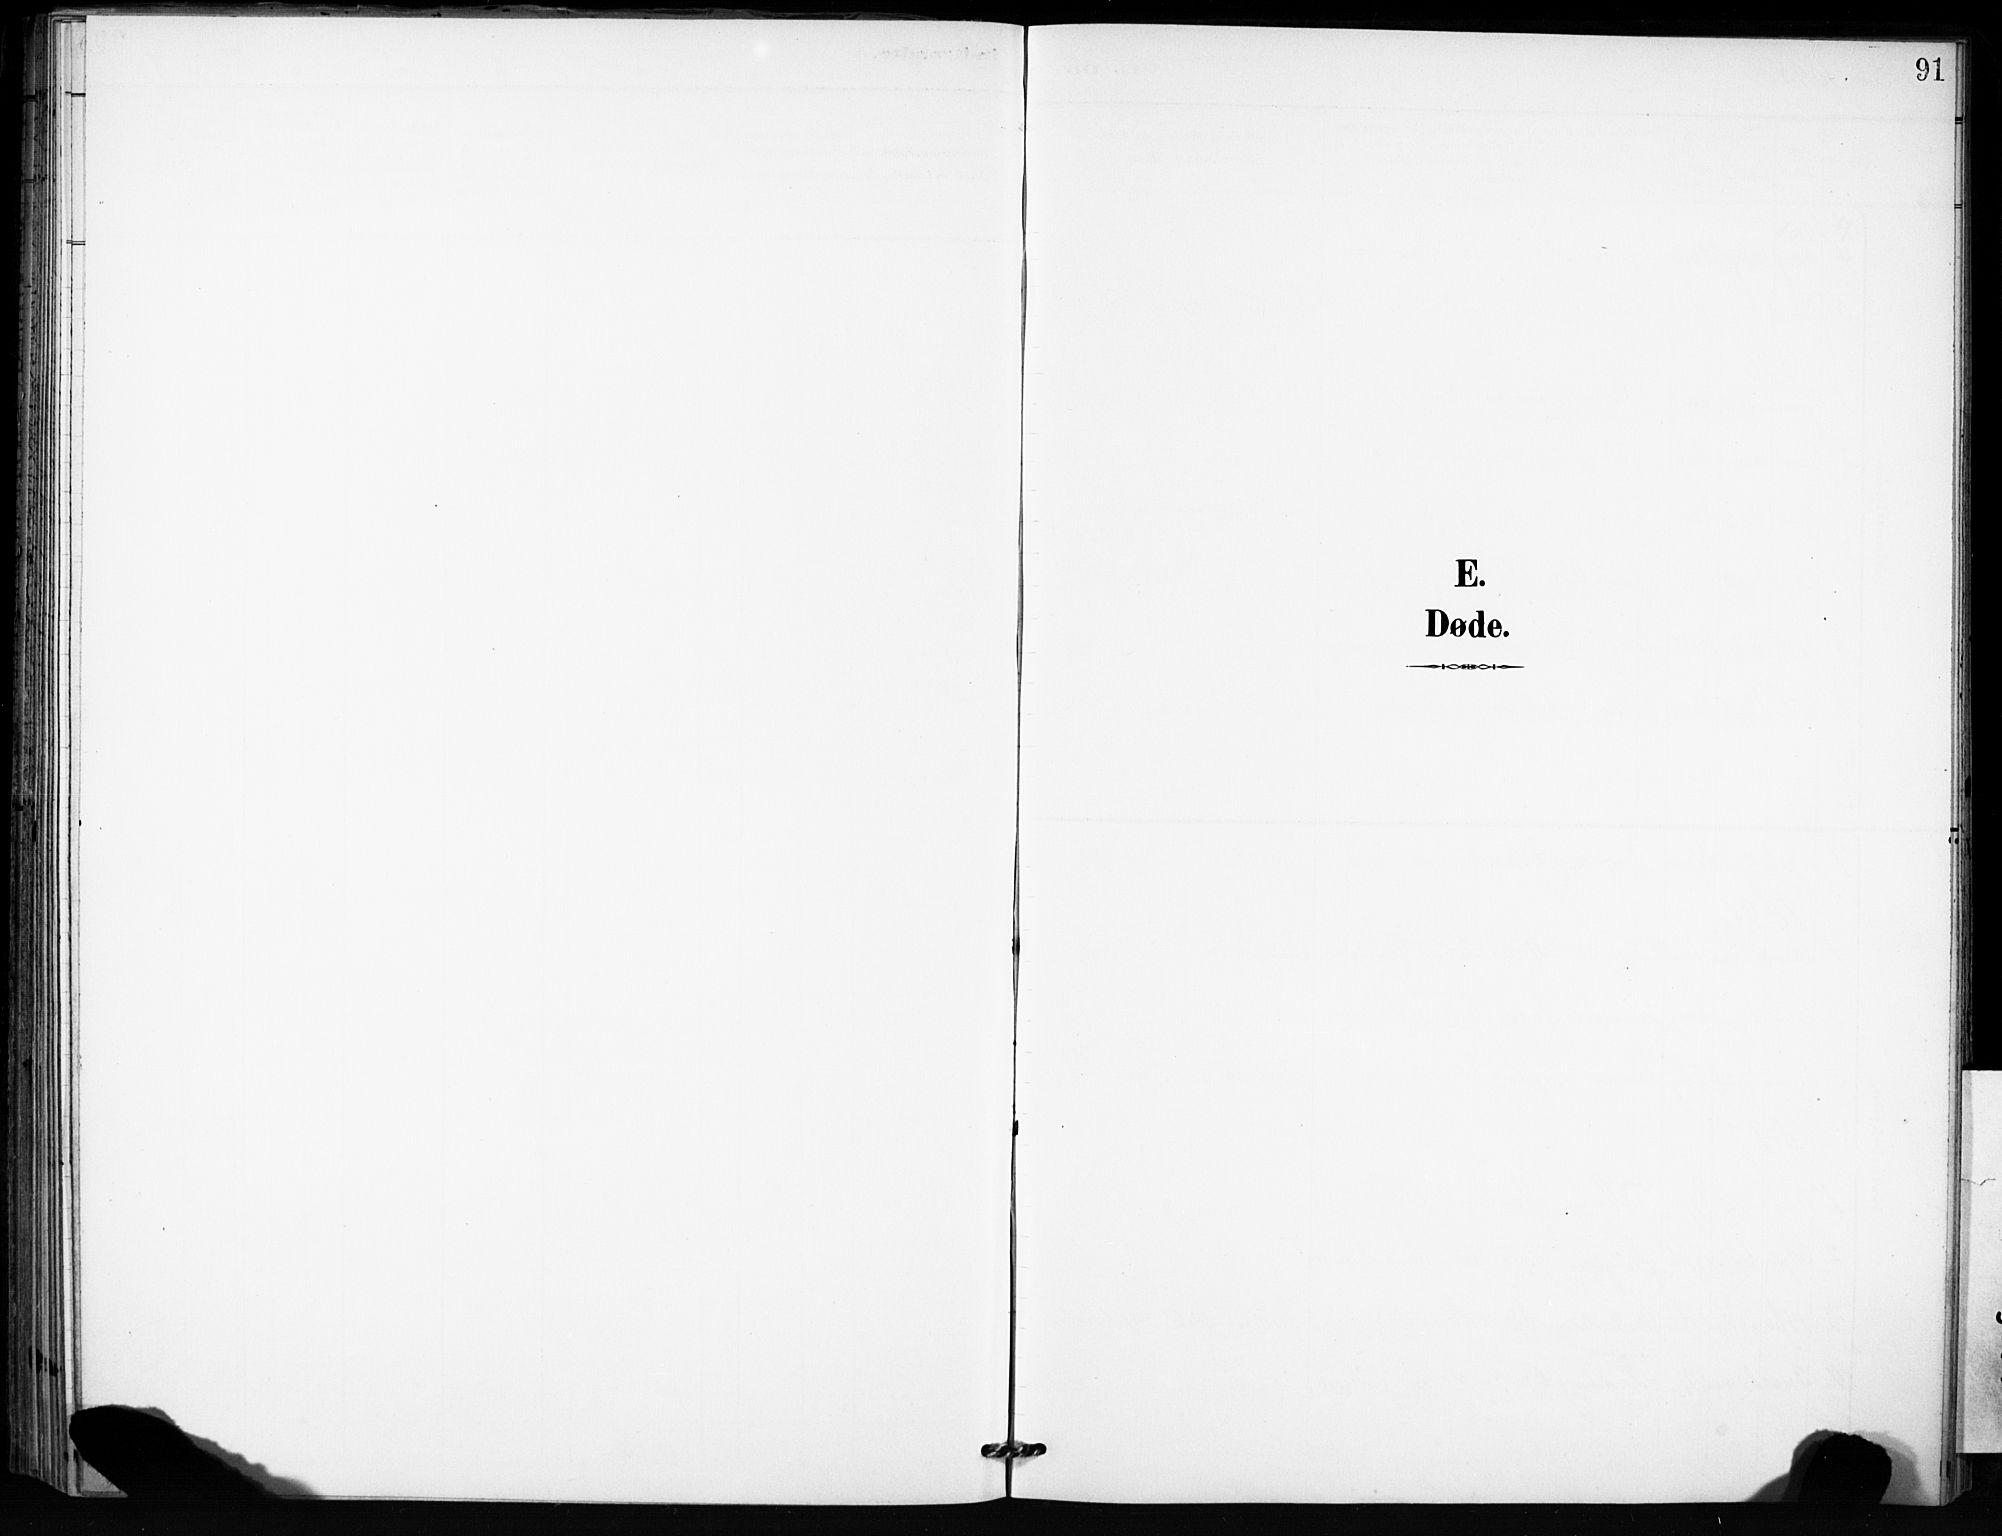 SAT, Ministerialprotokoller, klokkerbøker og fødselsregistre - Sør-Trøndelag, 666/L0787: Ministerialbok nr. 666A05, 1895-1908, s. 91